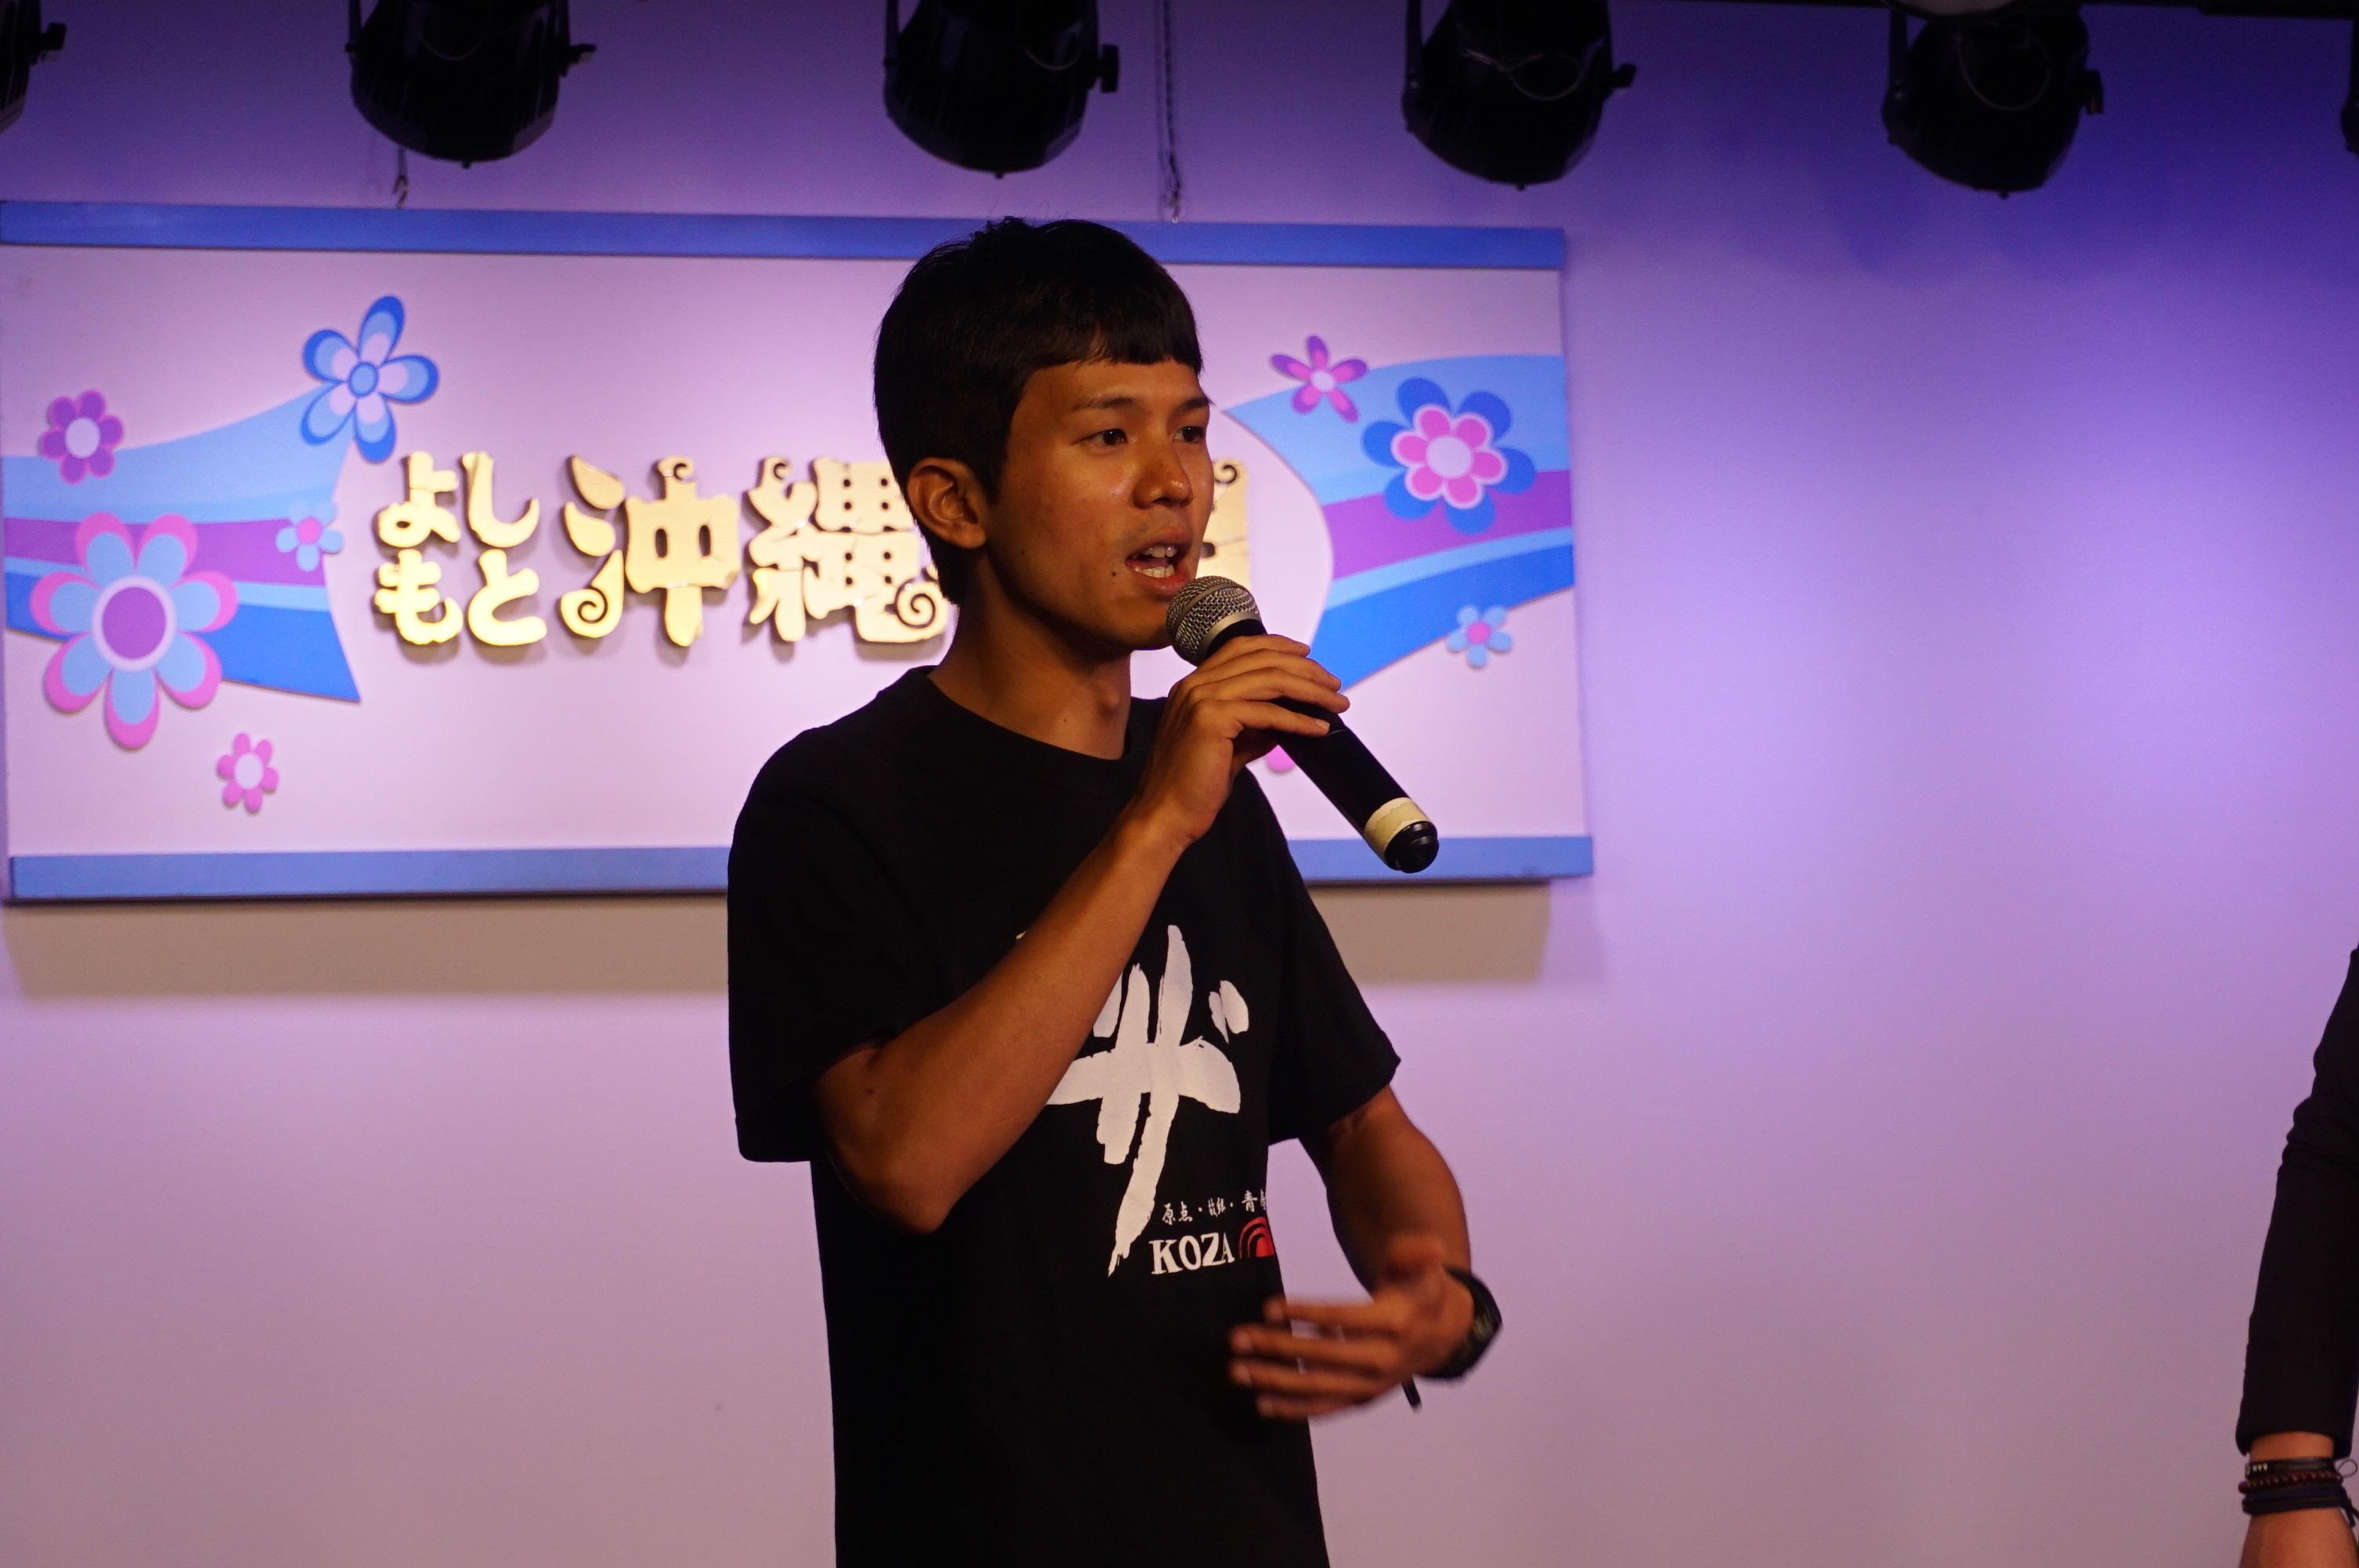 http://news.yoshimoto.co.jp/20170905172755-8206bbfdeb522ad6256445d47b66e01a69b7f390.jpg